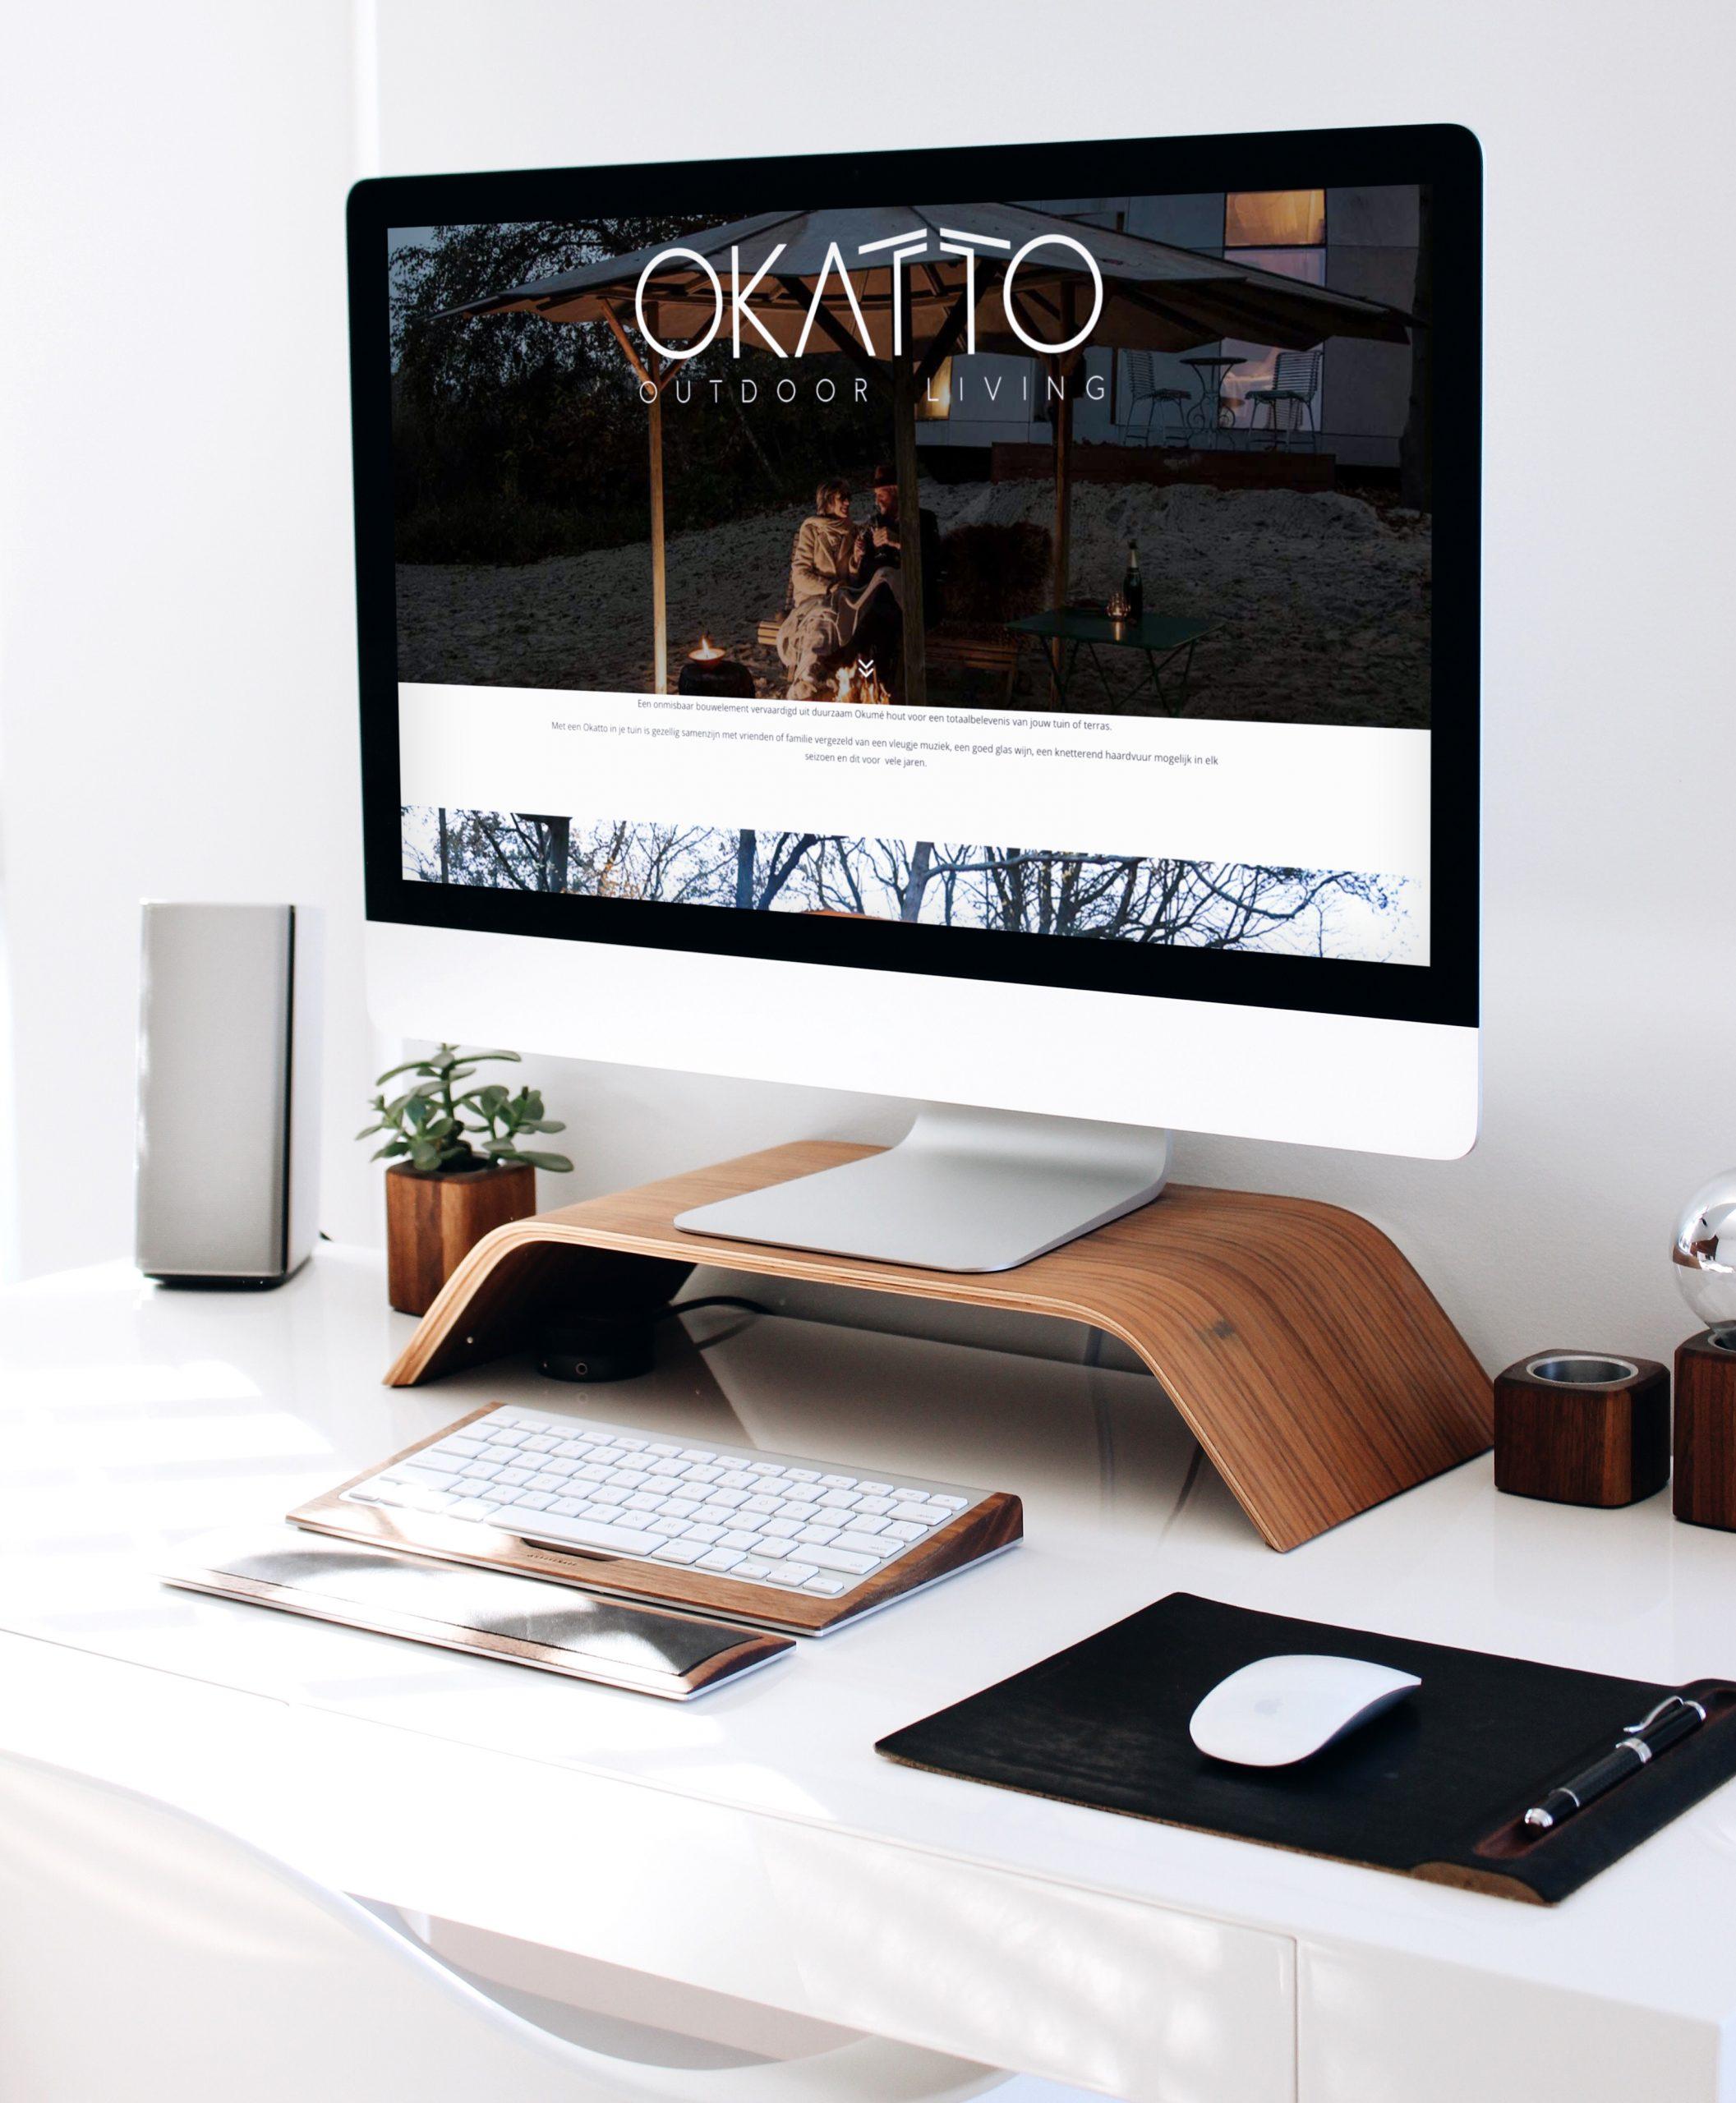 iMac-Hero-Scene-mockup-V7-1-okatto